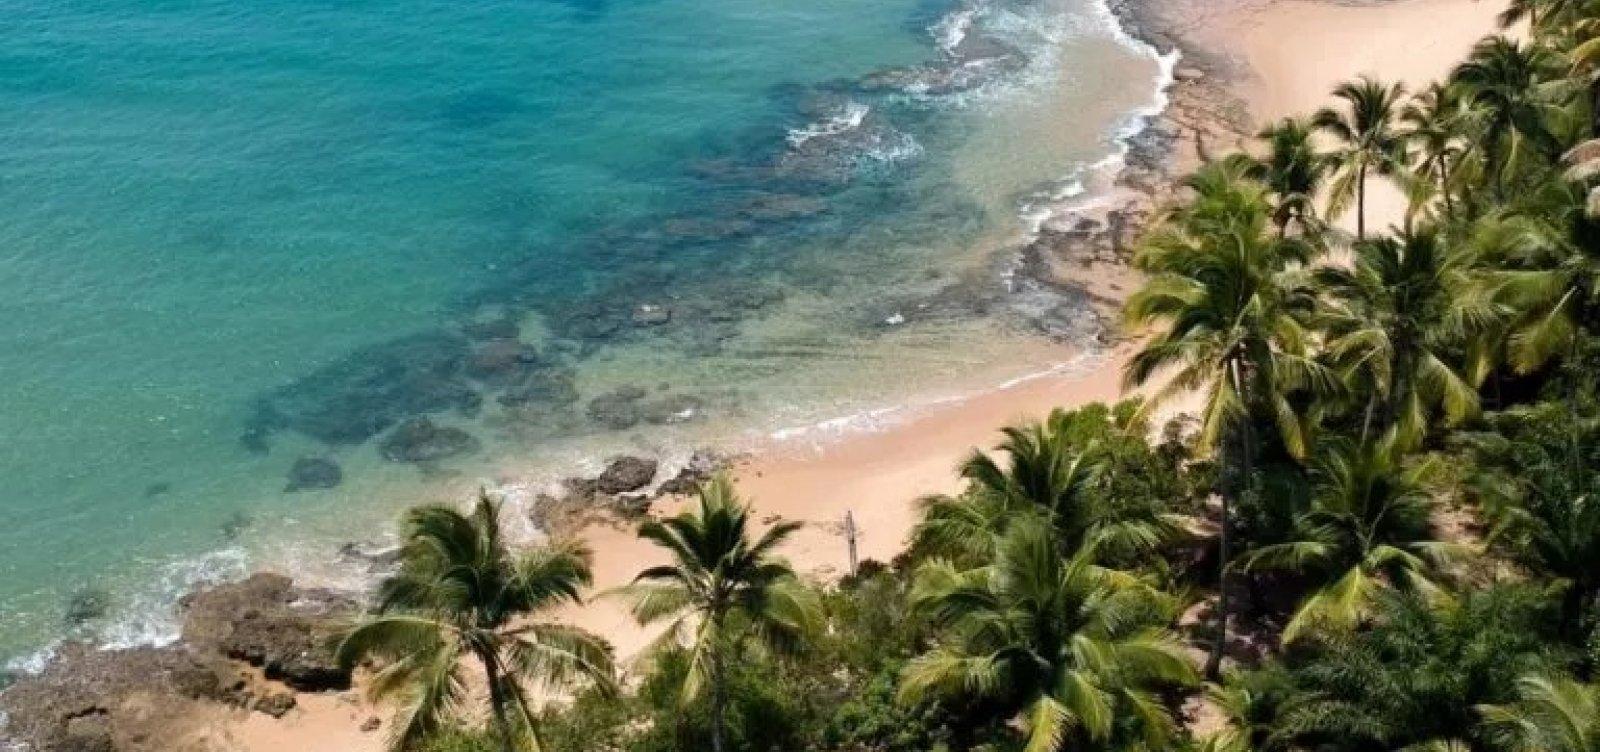 Praias da Península de Maraú estão limpas, diz prefeitura